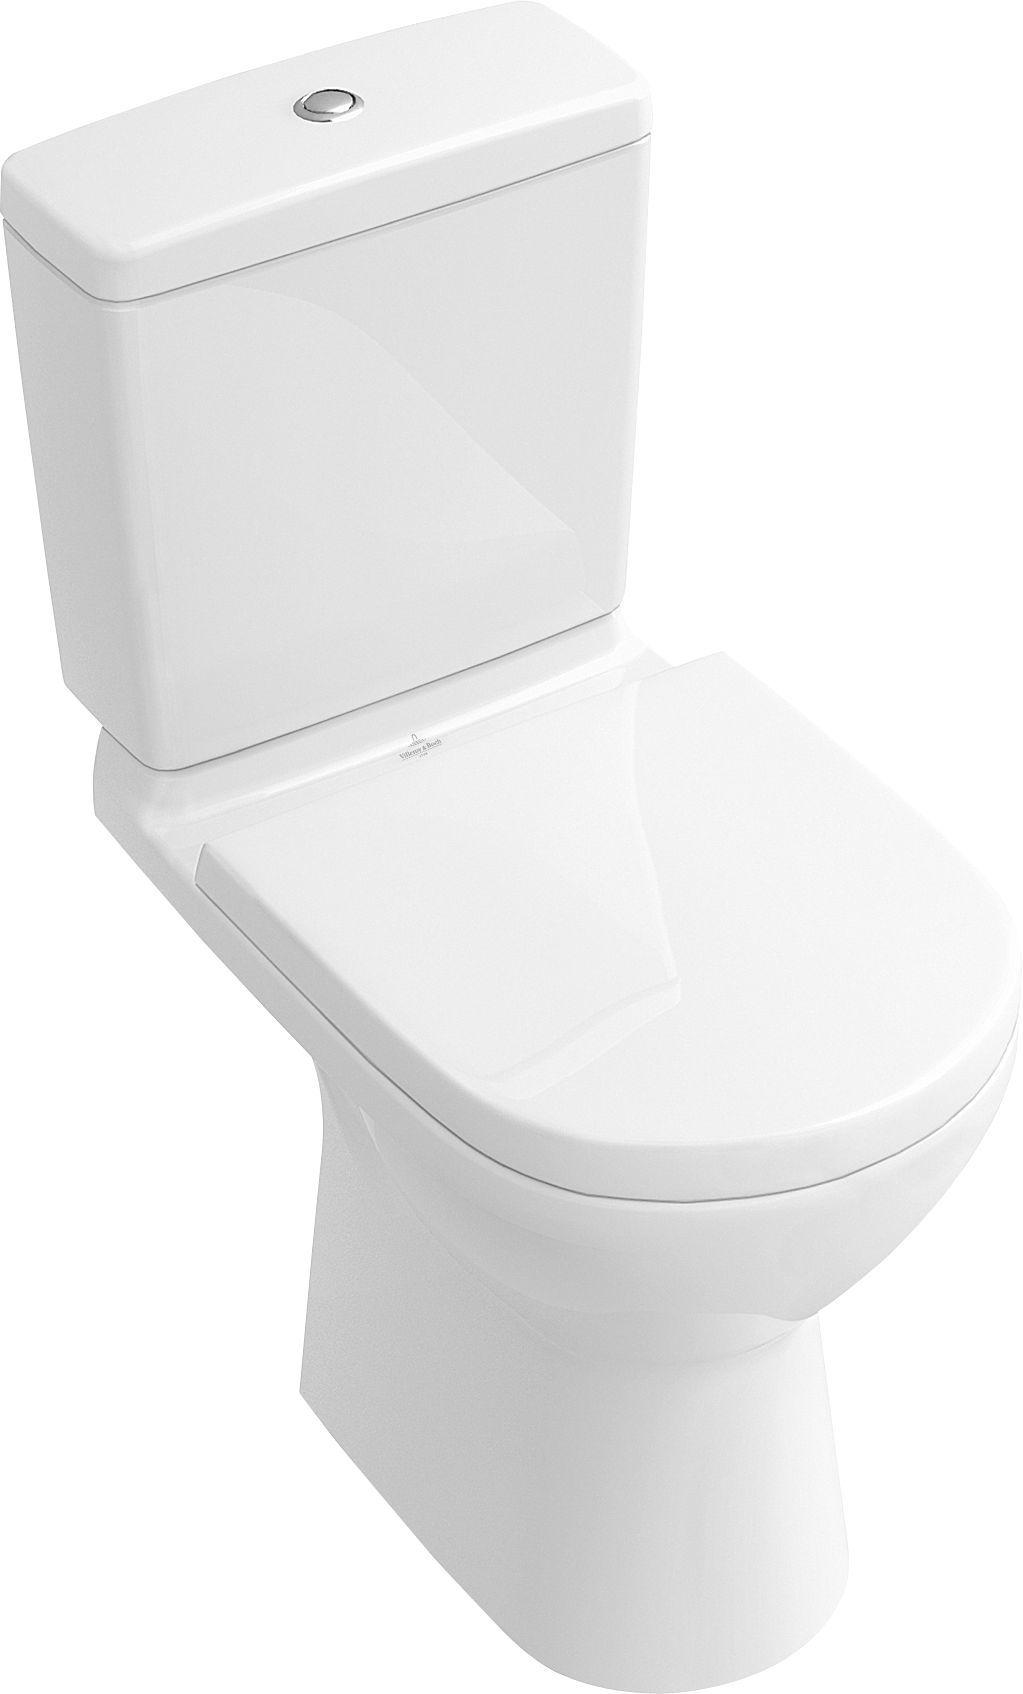 Villeroy & Boch O.novo Stand-Tiefspül-WC DirectFlush mit offenem Spülrand für Aufsatzspülkasten L:67xB:36xH:40cm weiß mit CeramicPlus 5661R0R1